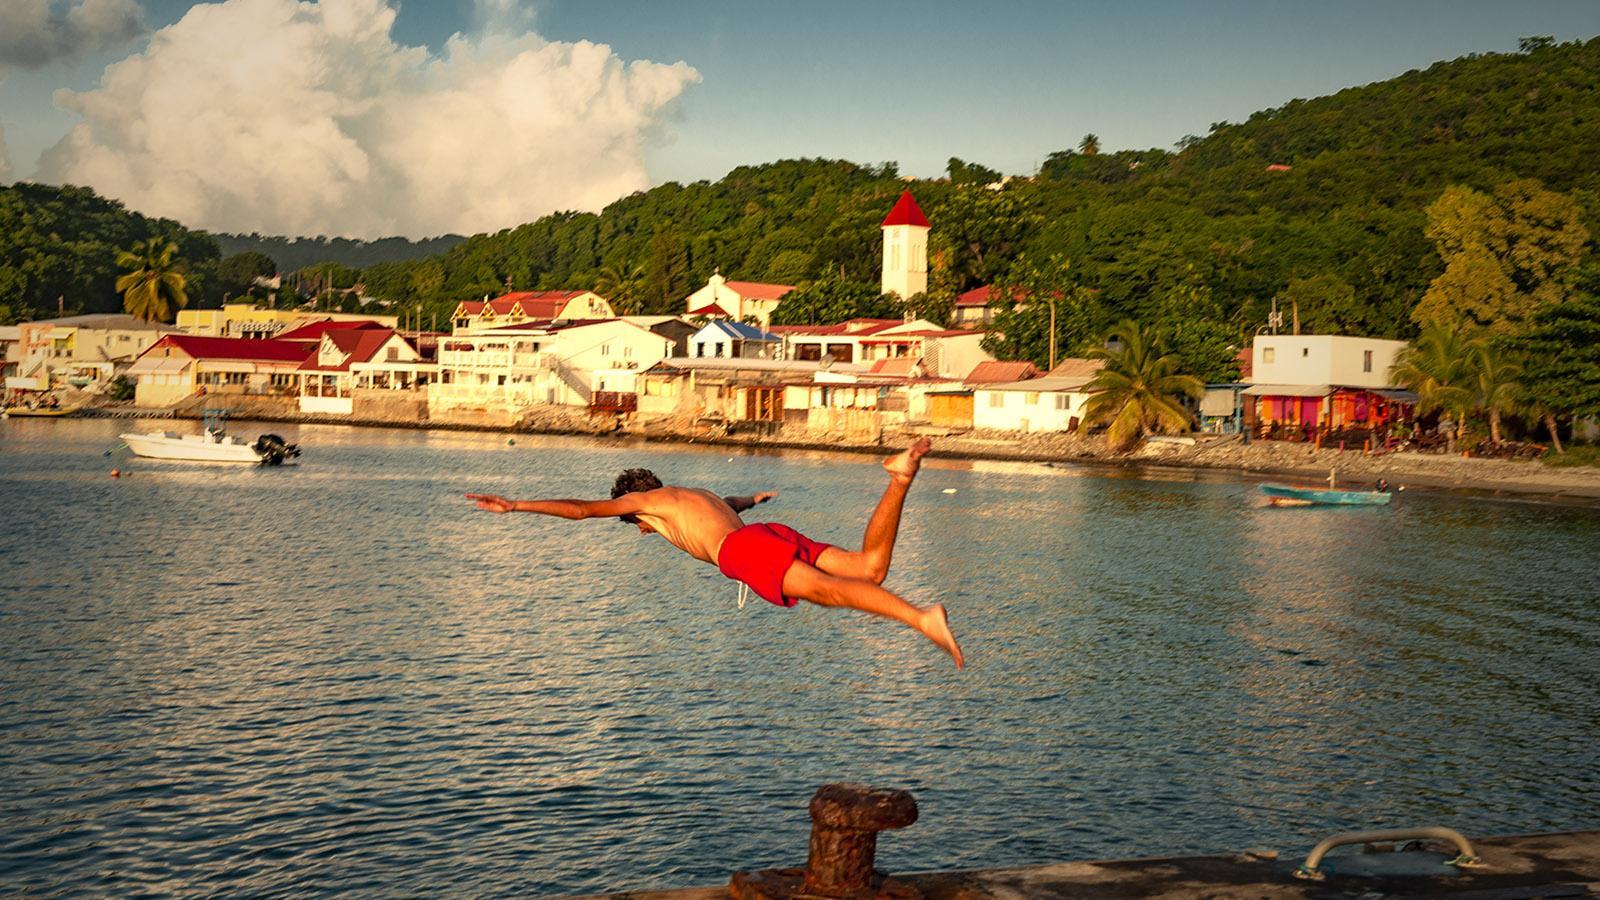 Guadeloupe: Von der Pier springen die einheimischen Jungs in die Bucht - auch Salti versuchen sie. Foto: Hilke Maunder